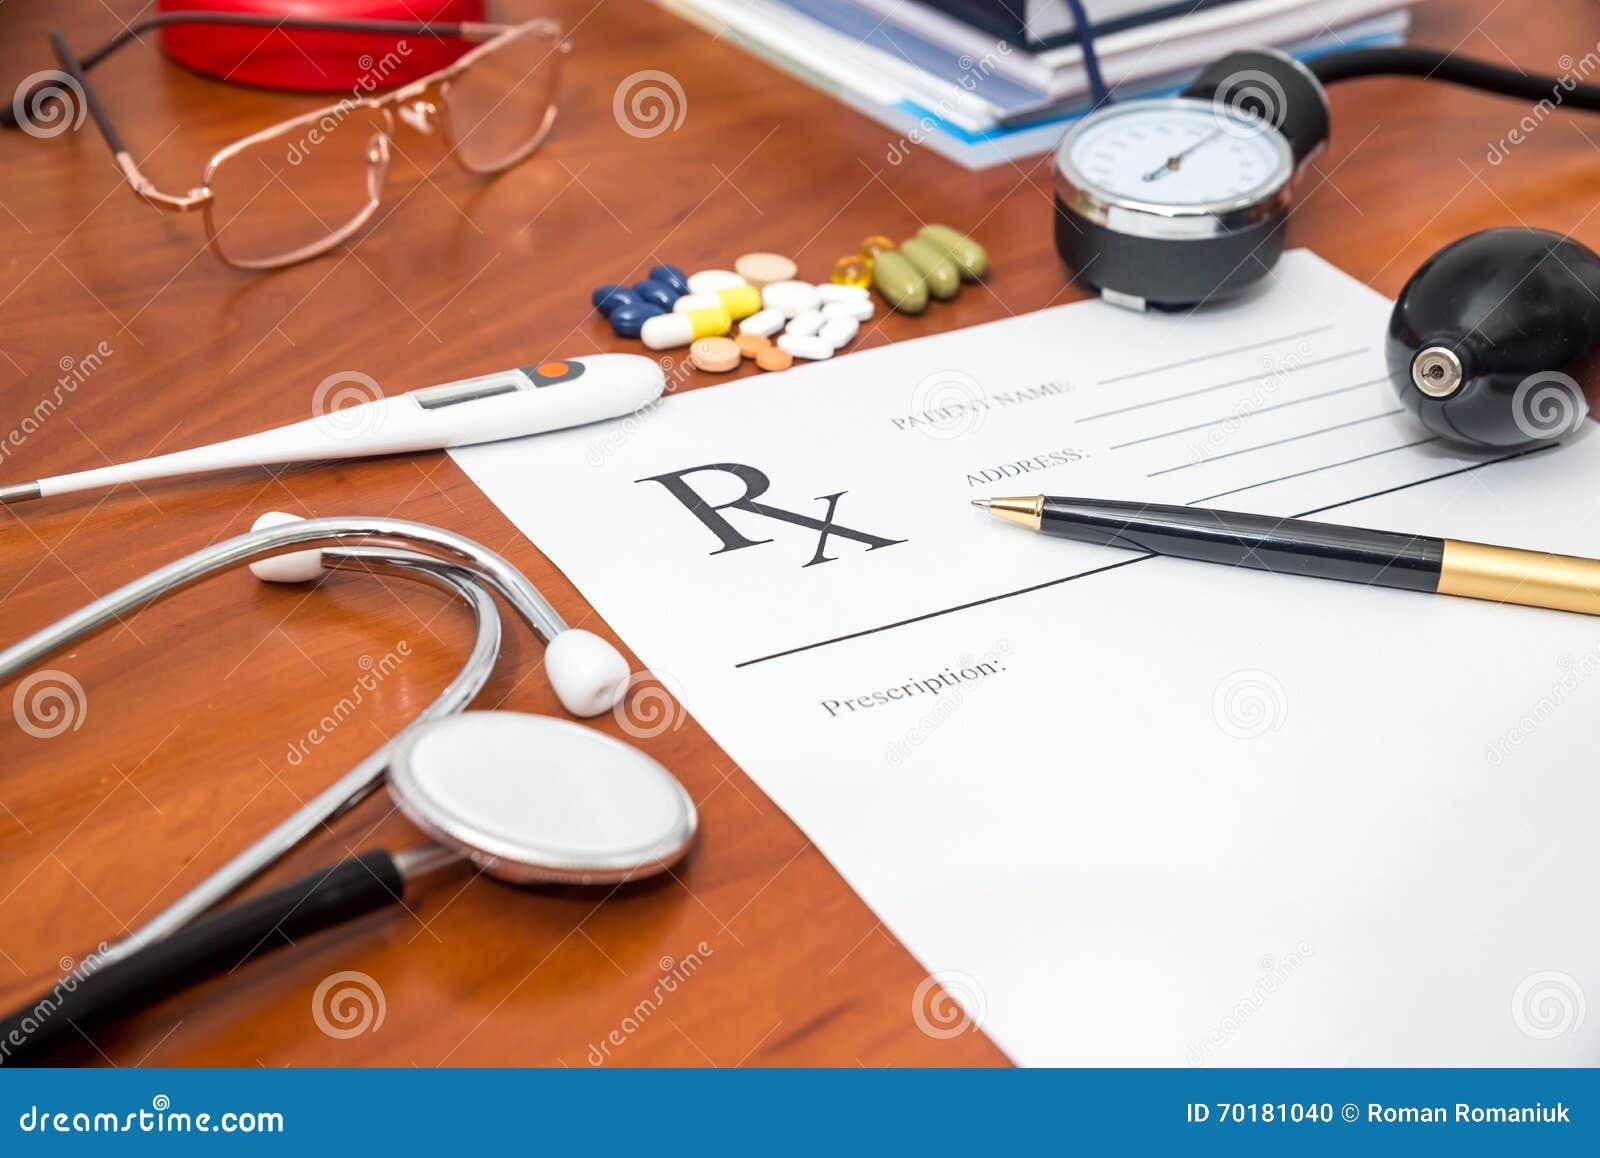 Tomt medicinskt recept med stetoskopet, preventivpillerar, penna